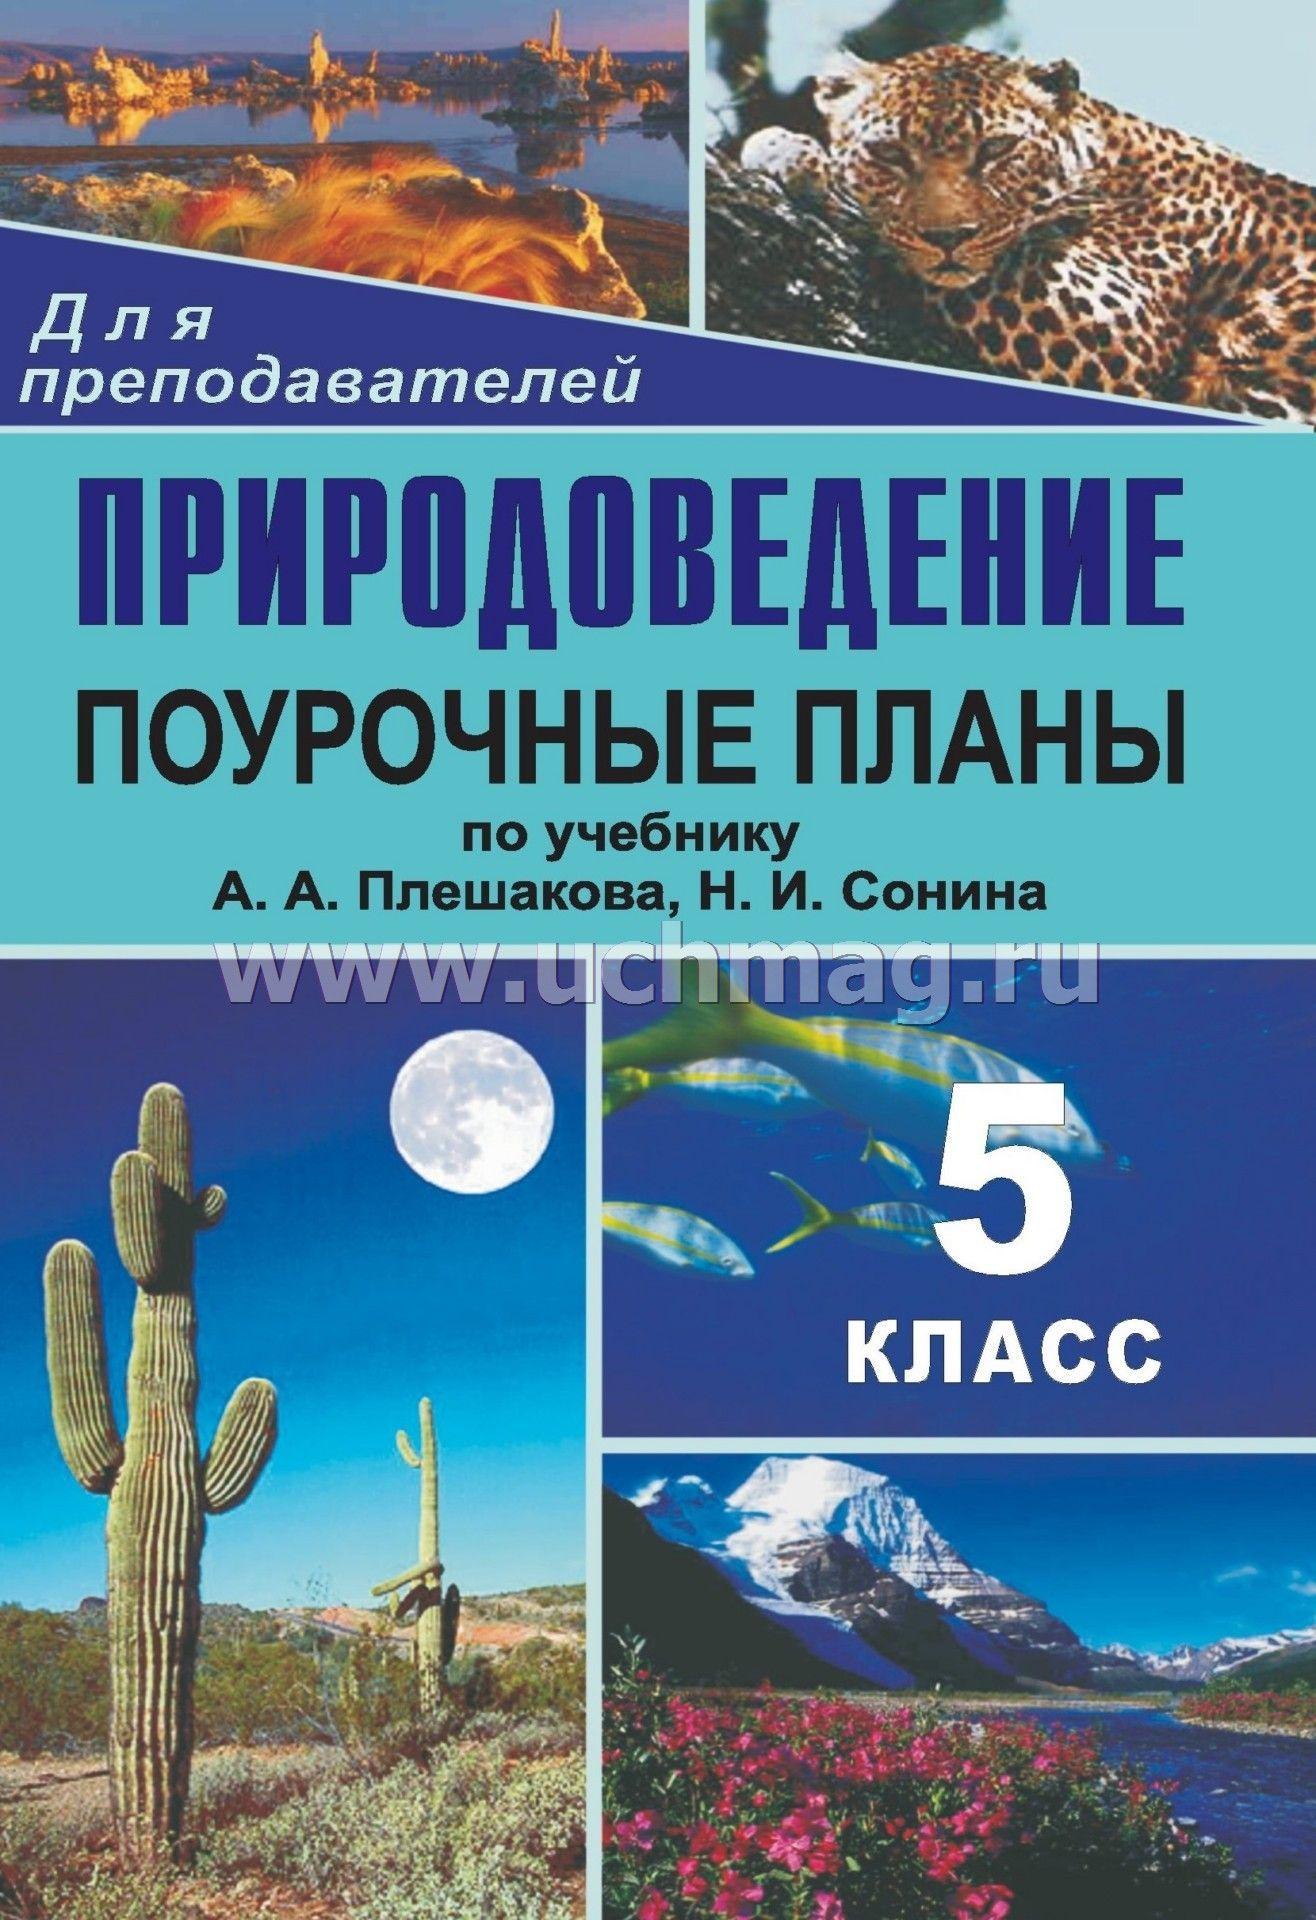 Тесты по природоведению: 5-й класс: к учебнику а.а плешакова н.и сонина природоведение 5-й кл